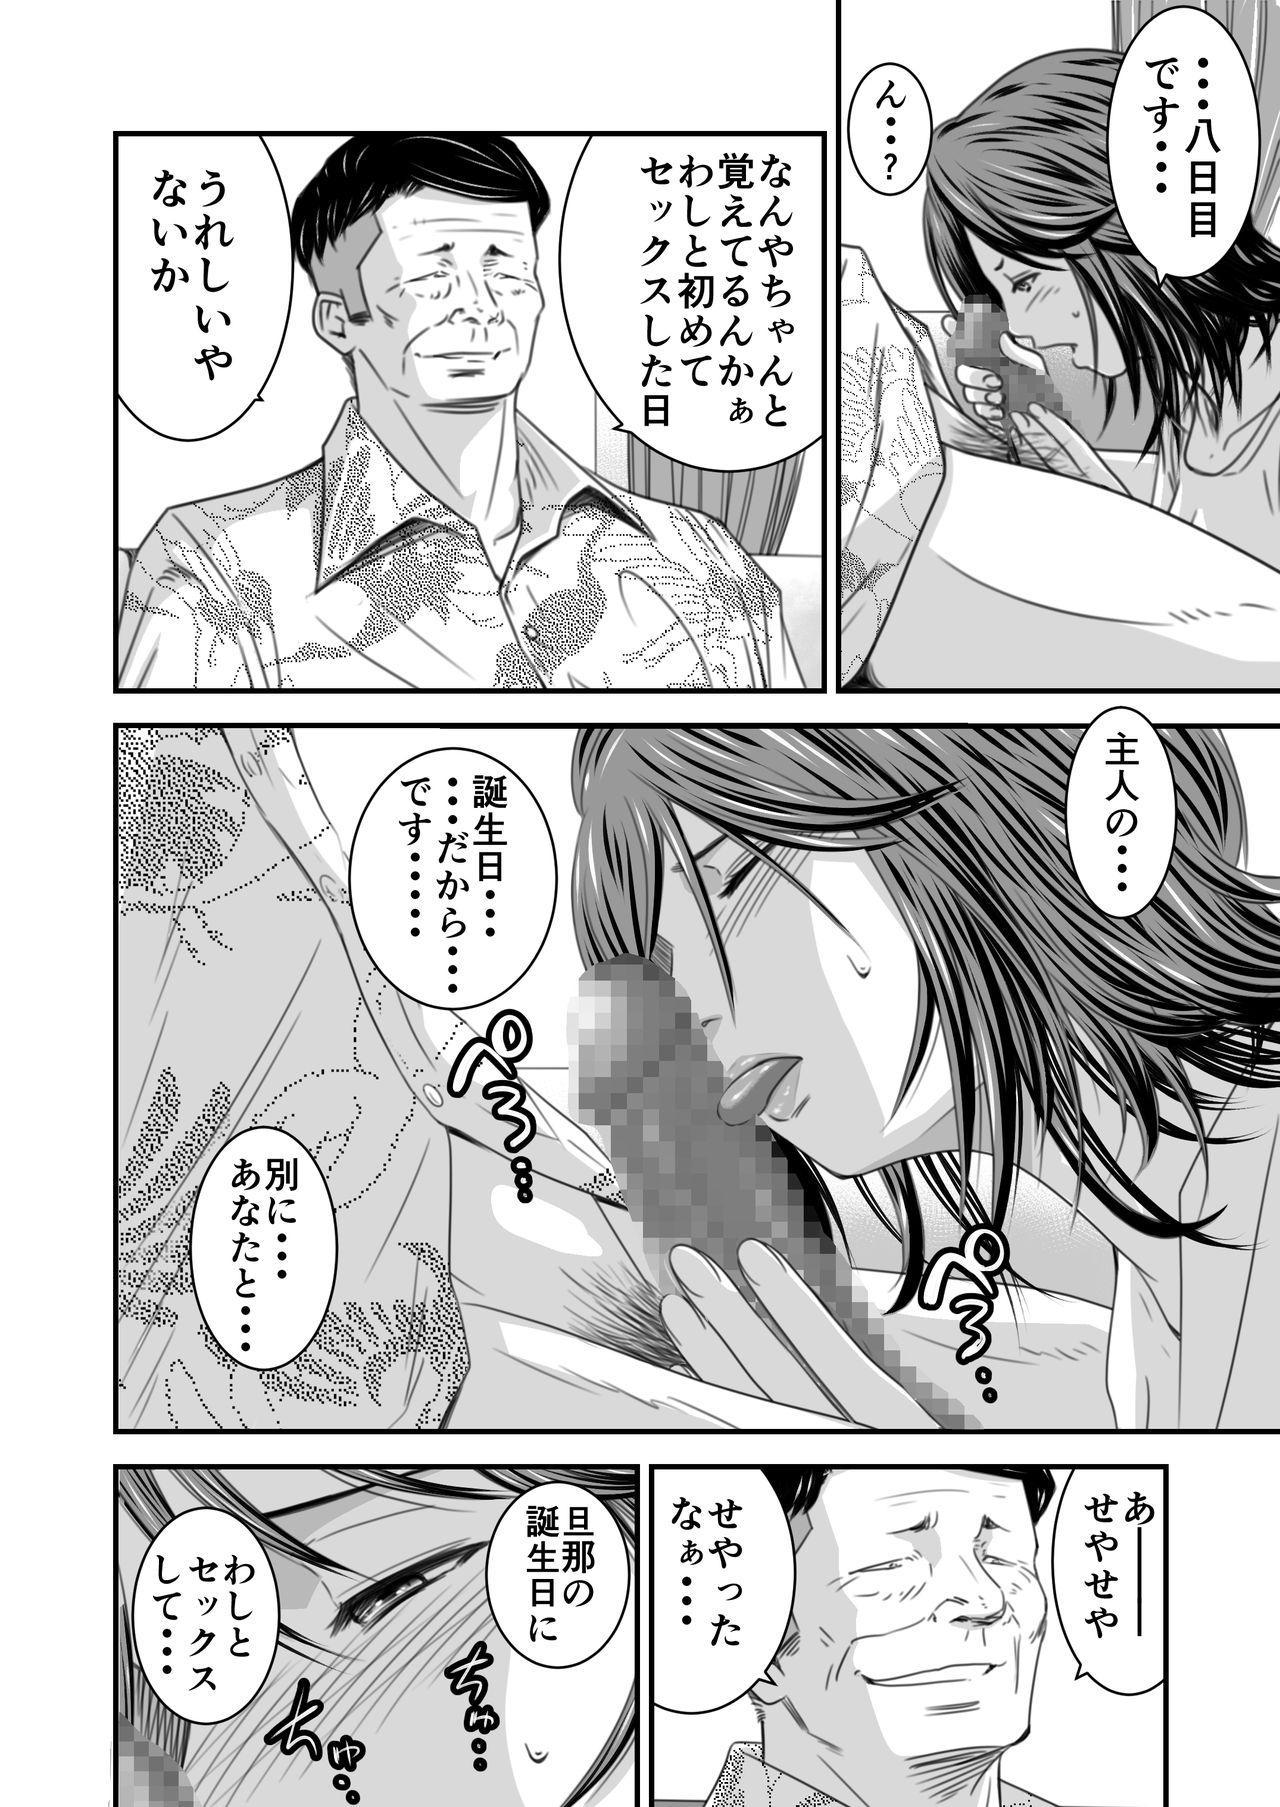 Tsugunai Tsuma 3 5